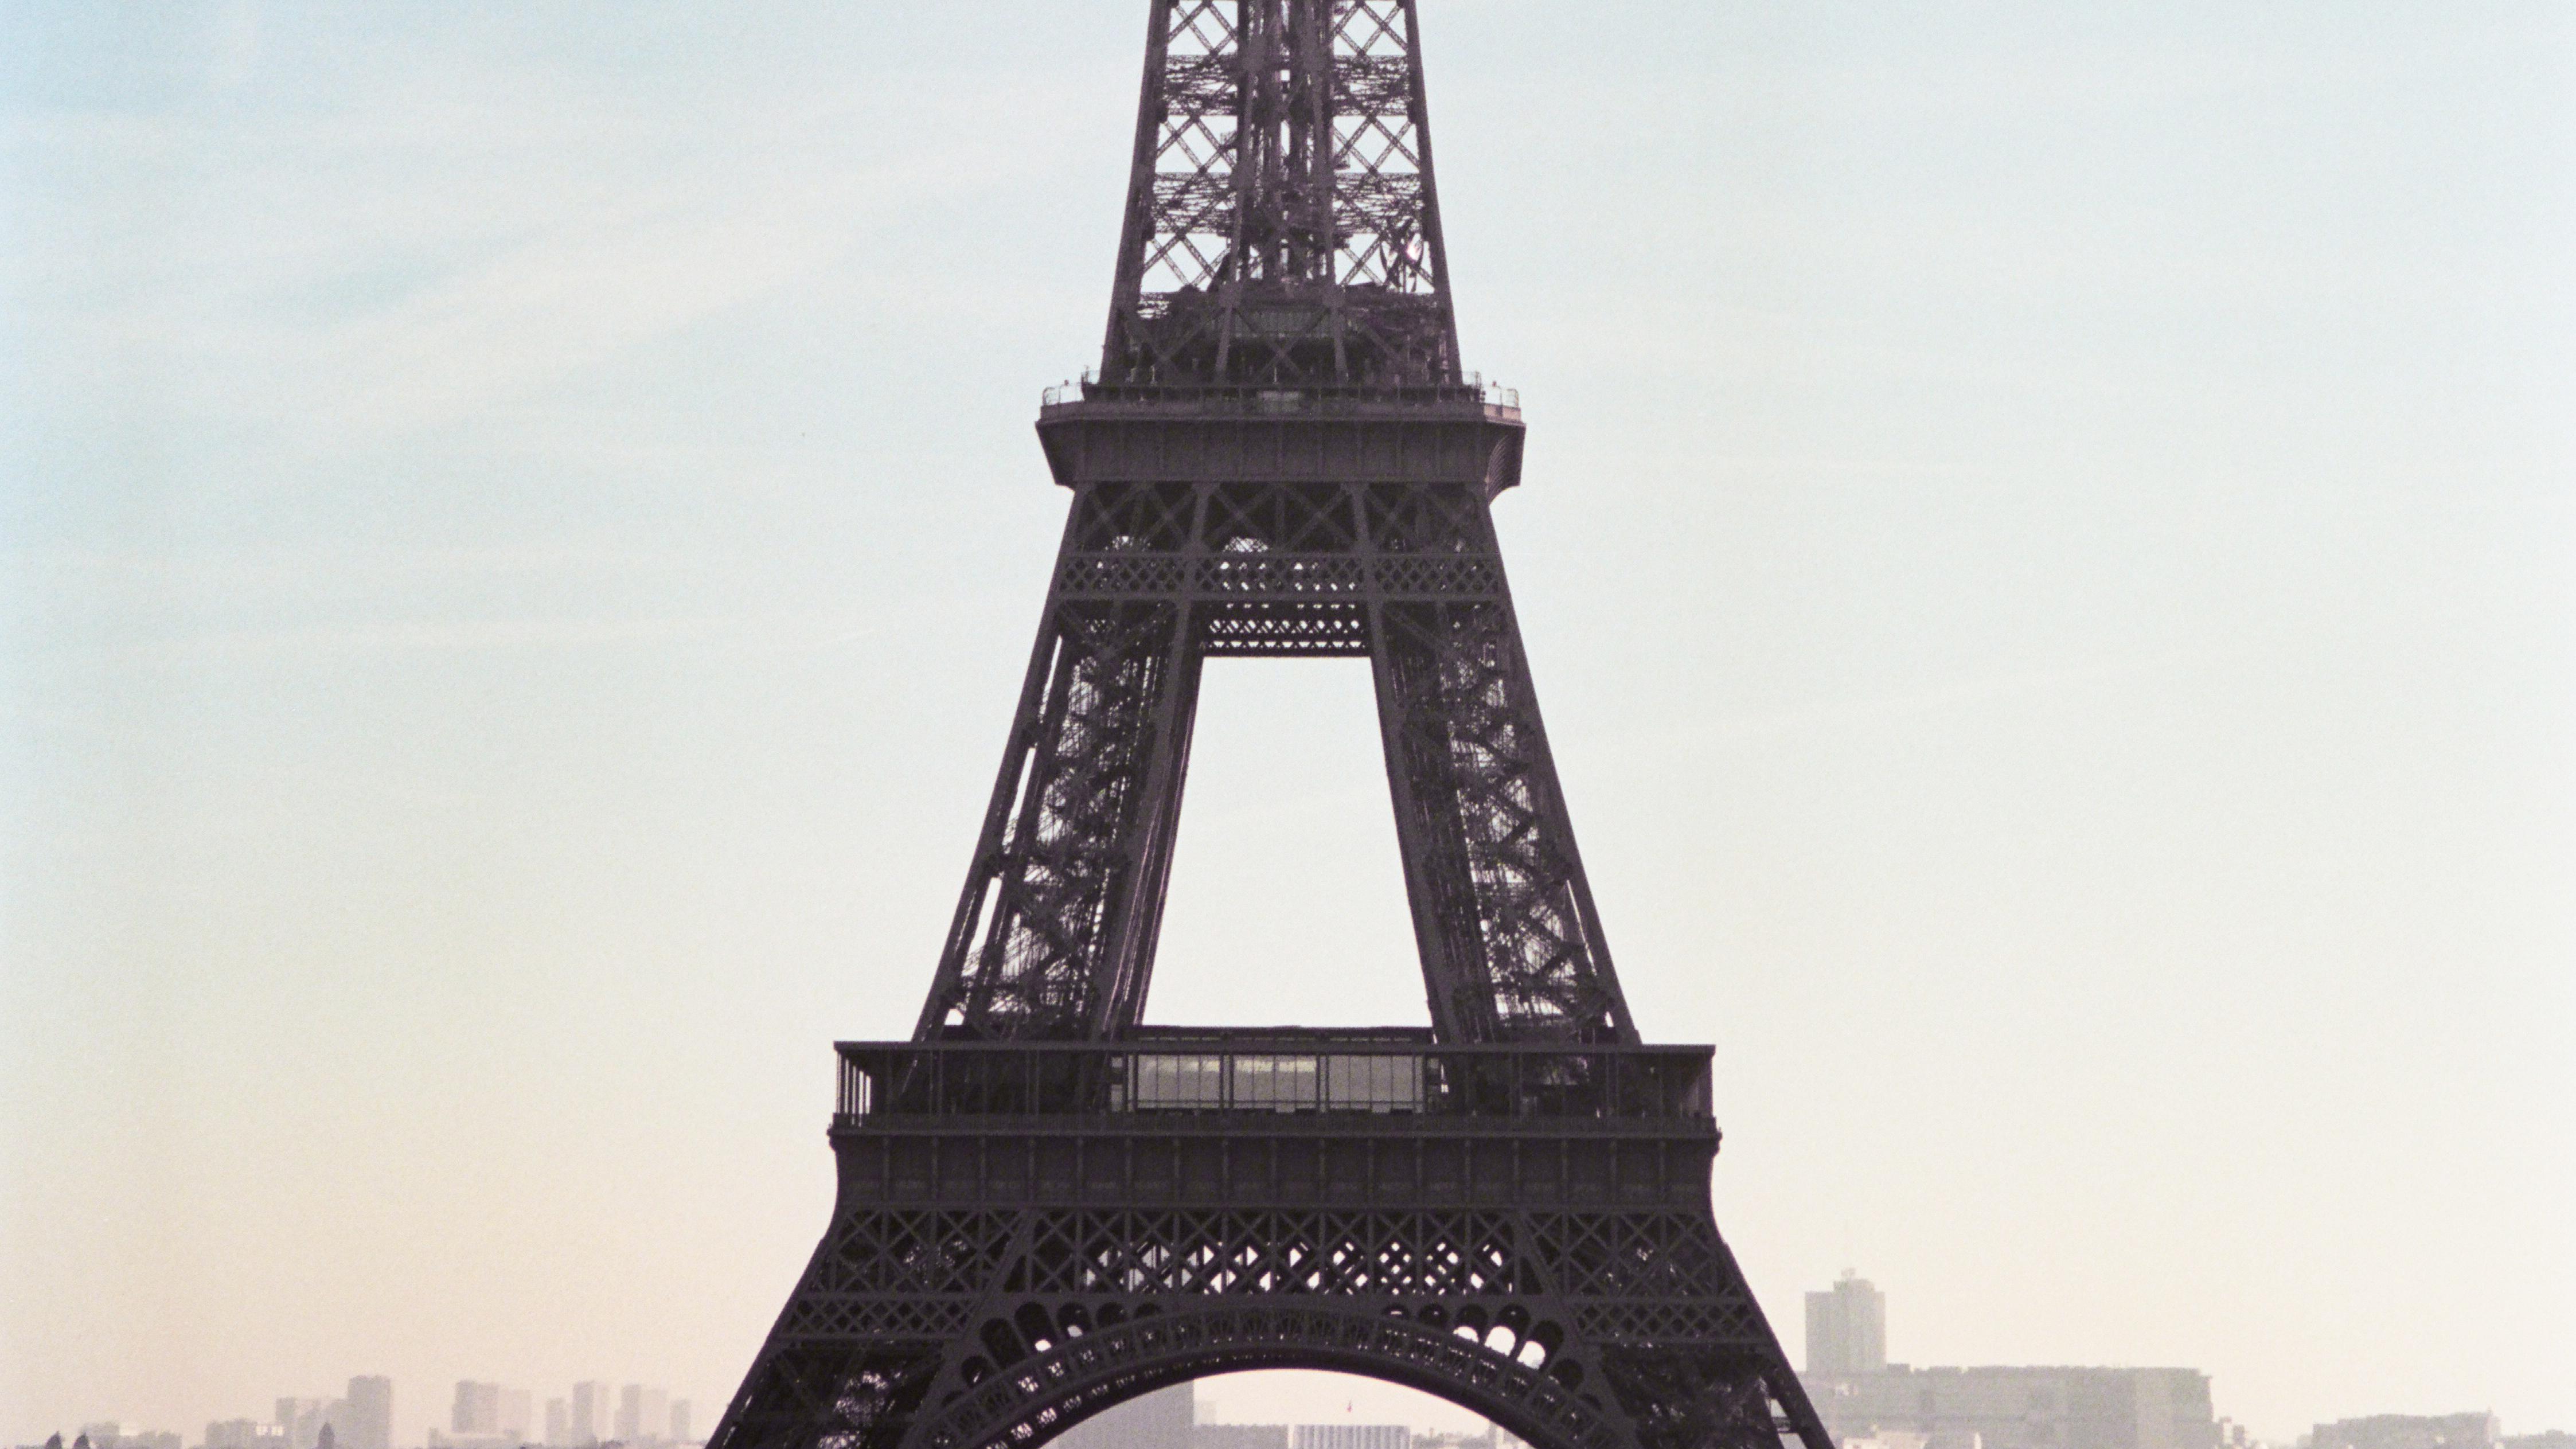 La nouvelle bague R4 PARIS s inspire des structures Eiffel de la capitale  pour redessiner l architecture de votre main. Disponible en 8 matières à  partir de ... 7ada9b0c15f2